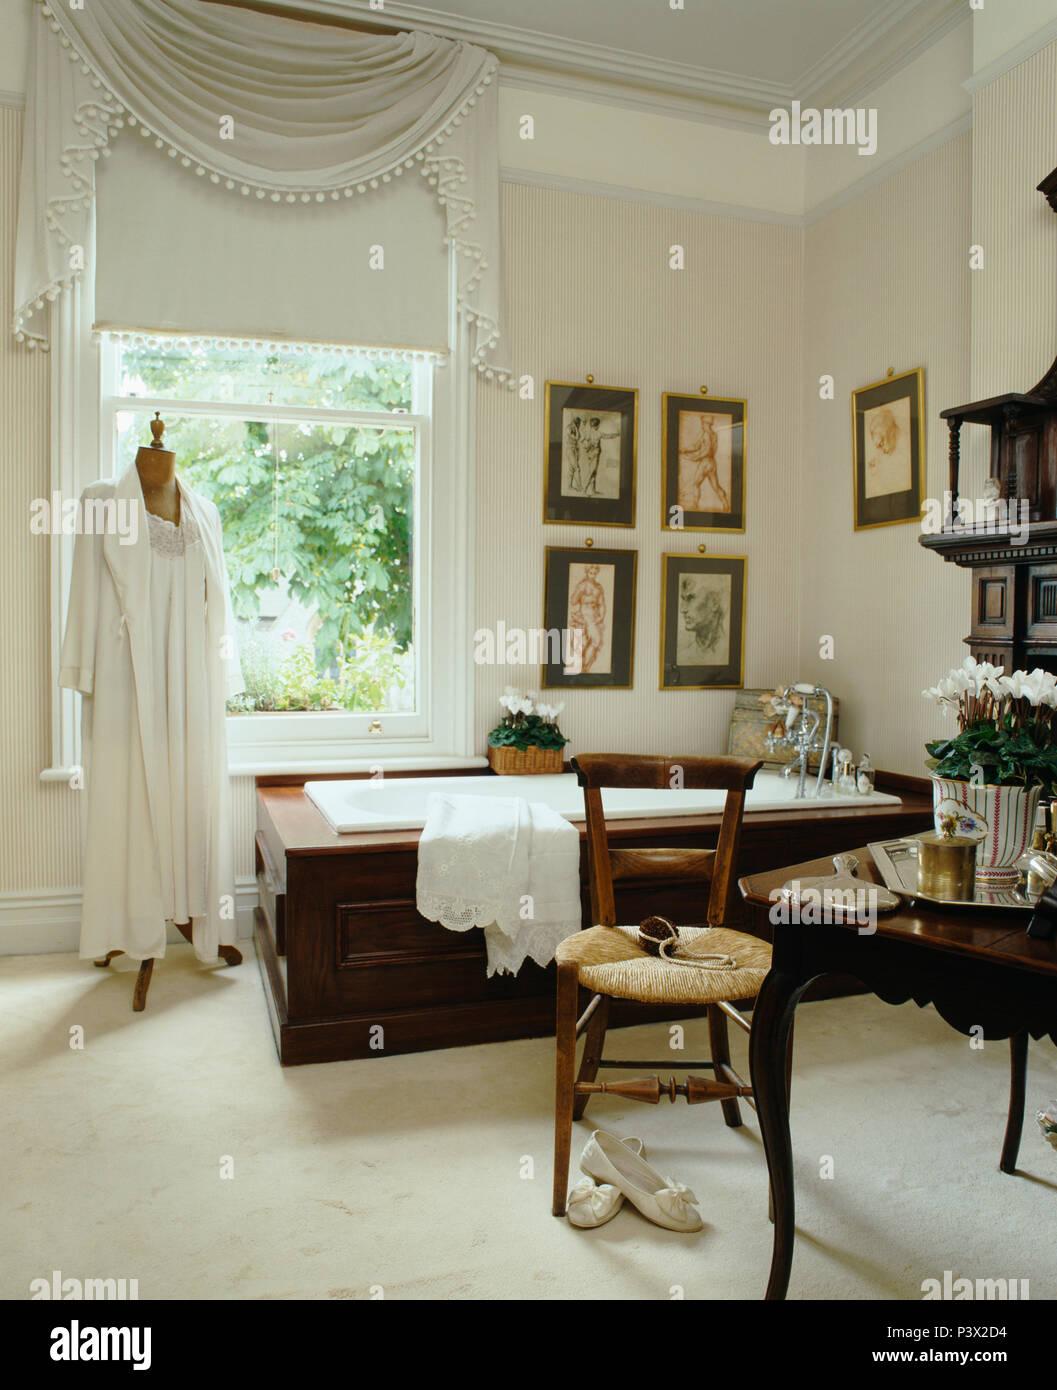 Drapierte weisse Gewebe und weißen Vorhang am Fenster im Bad ...